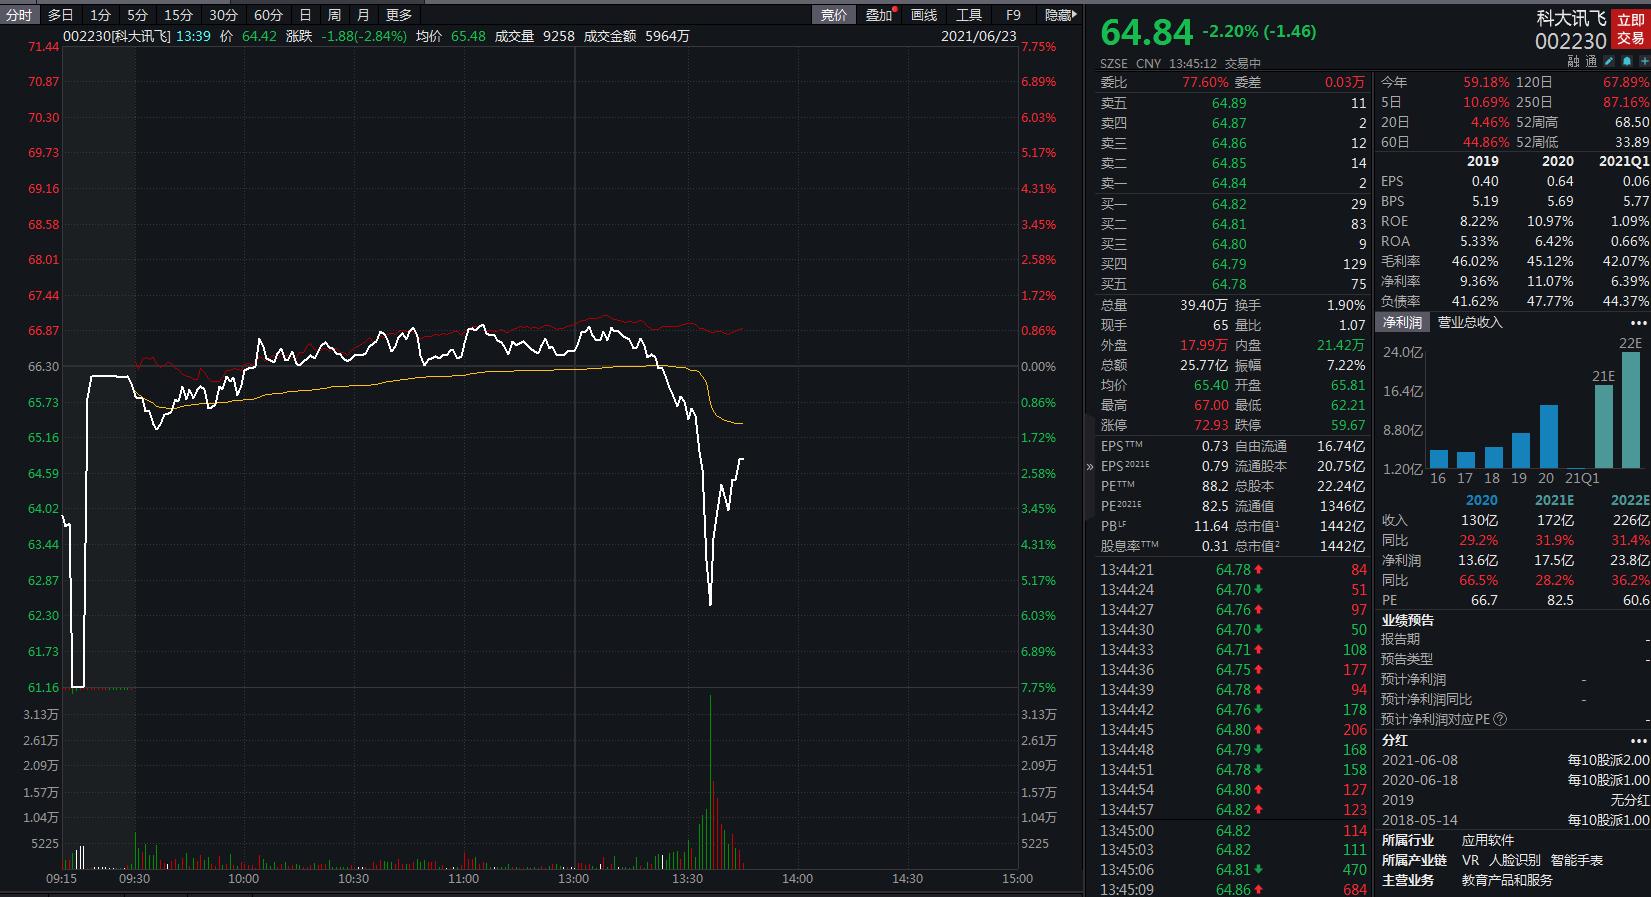 科大讯飞股价午后跳水,一度跌超5%